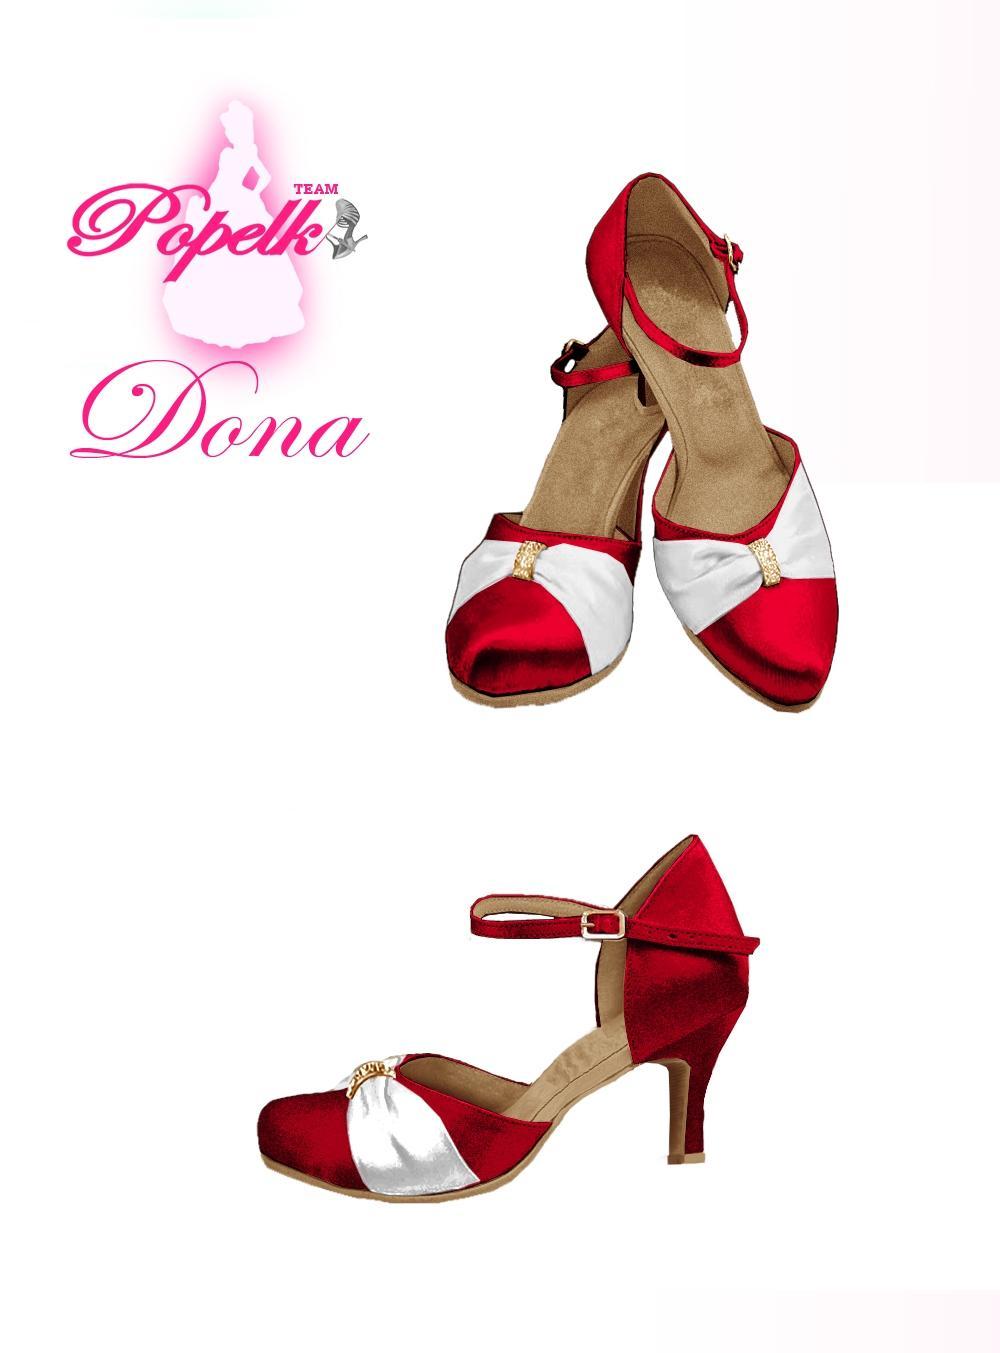 Svadobné topánky s úpravou na želanie - inšpirácie bordó, hnědá, čokoládová - Obrázok č. 6